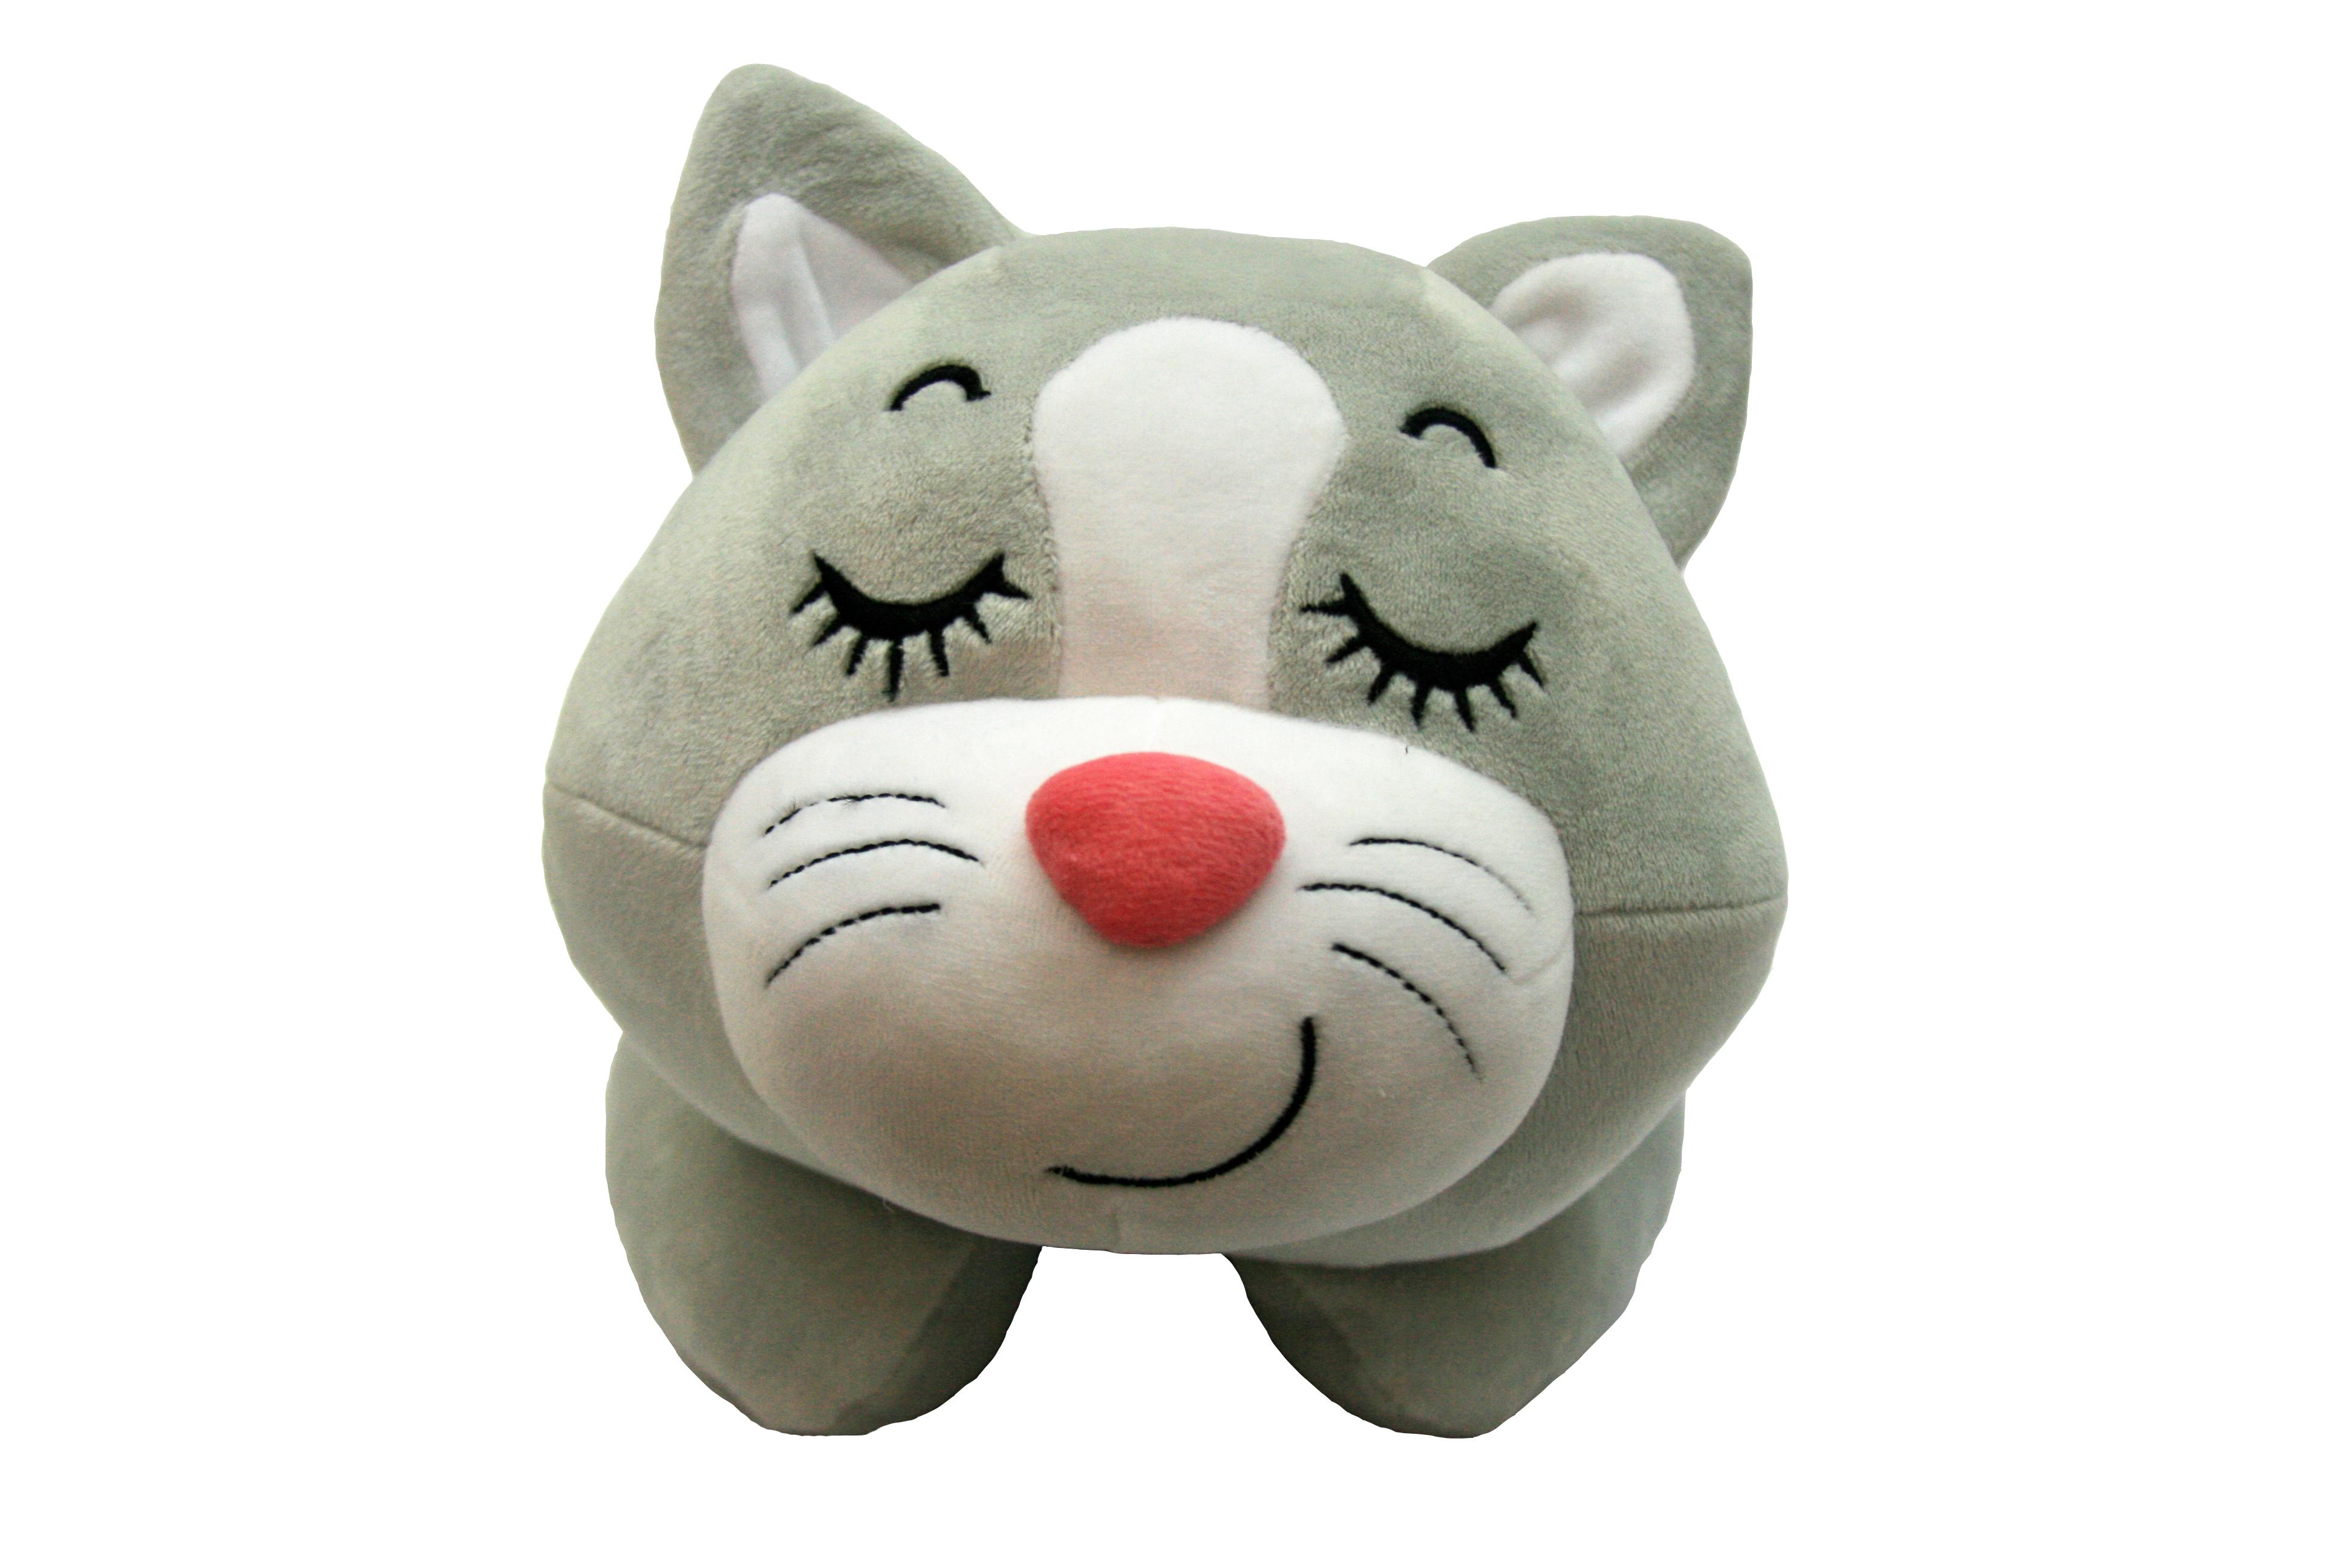 Мягкие игрушки СмолТойс Мягкая игрушка СмолТойс «Котенок Слиппи» игрушка арт 1805 36 мягкая игрушка котенок трехшерстный м